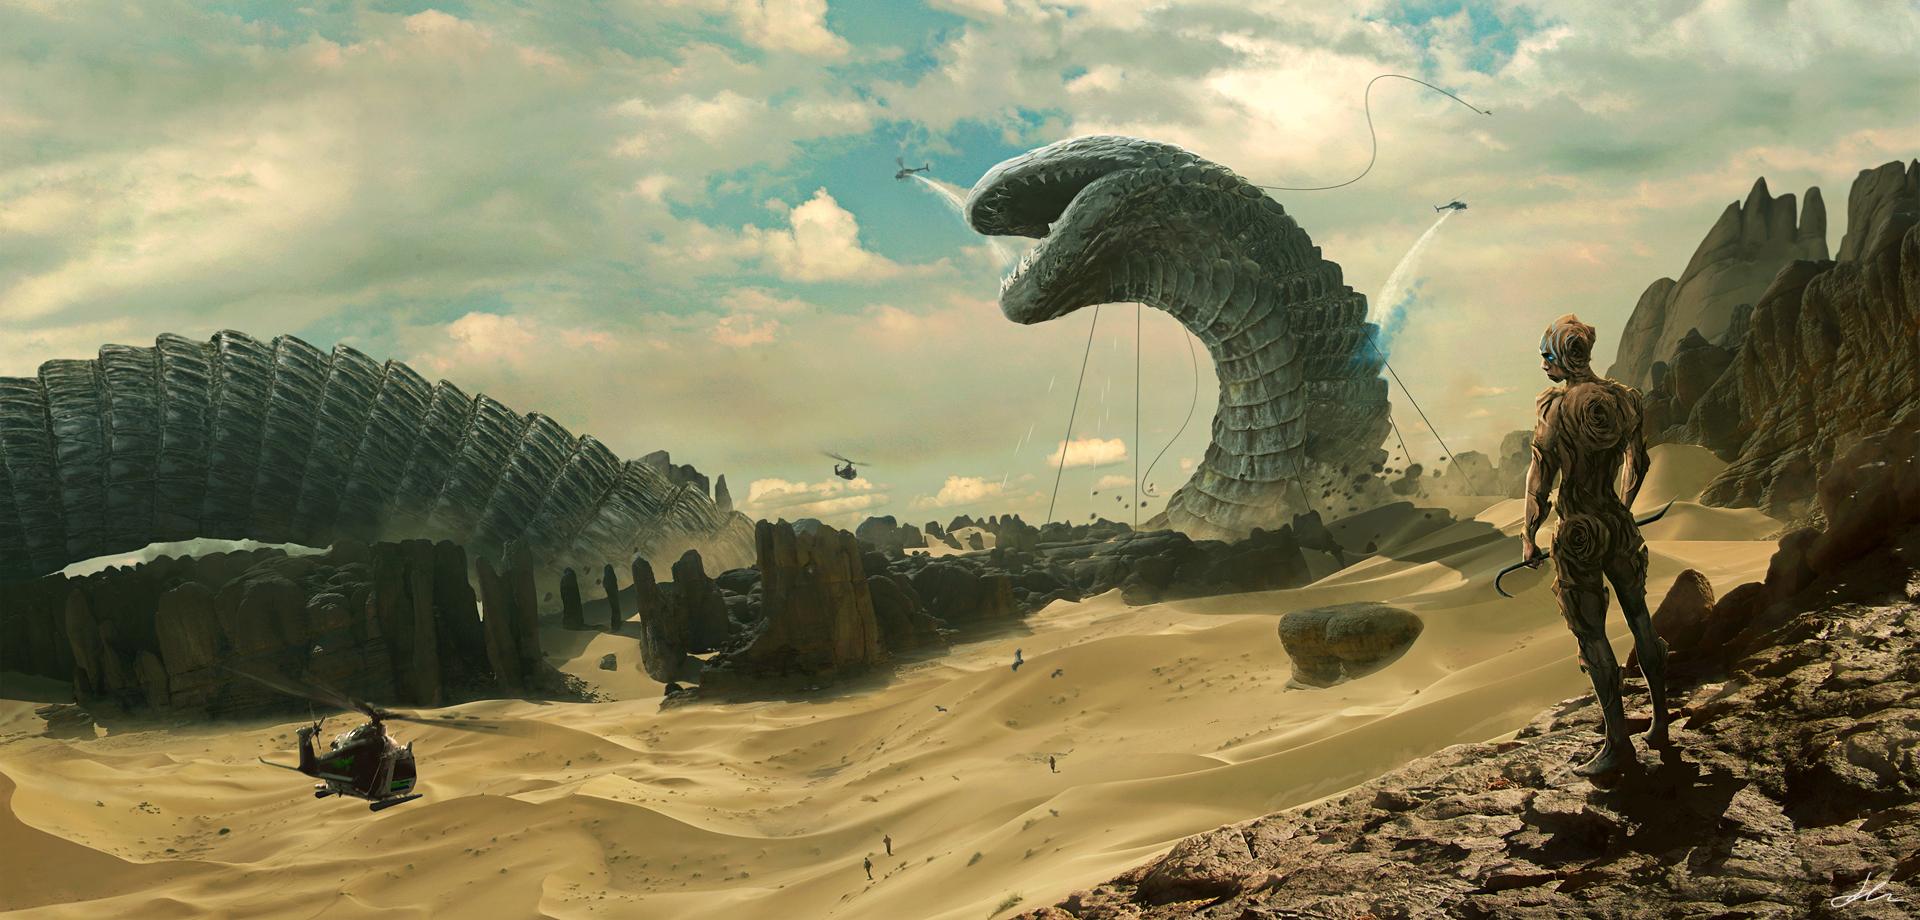 Resultado de imagem para imagens do novo jogo duna